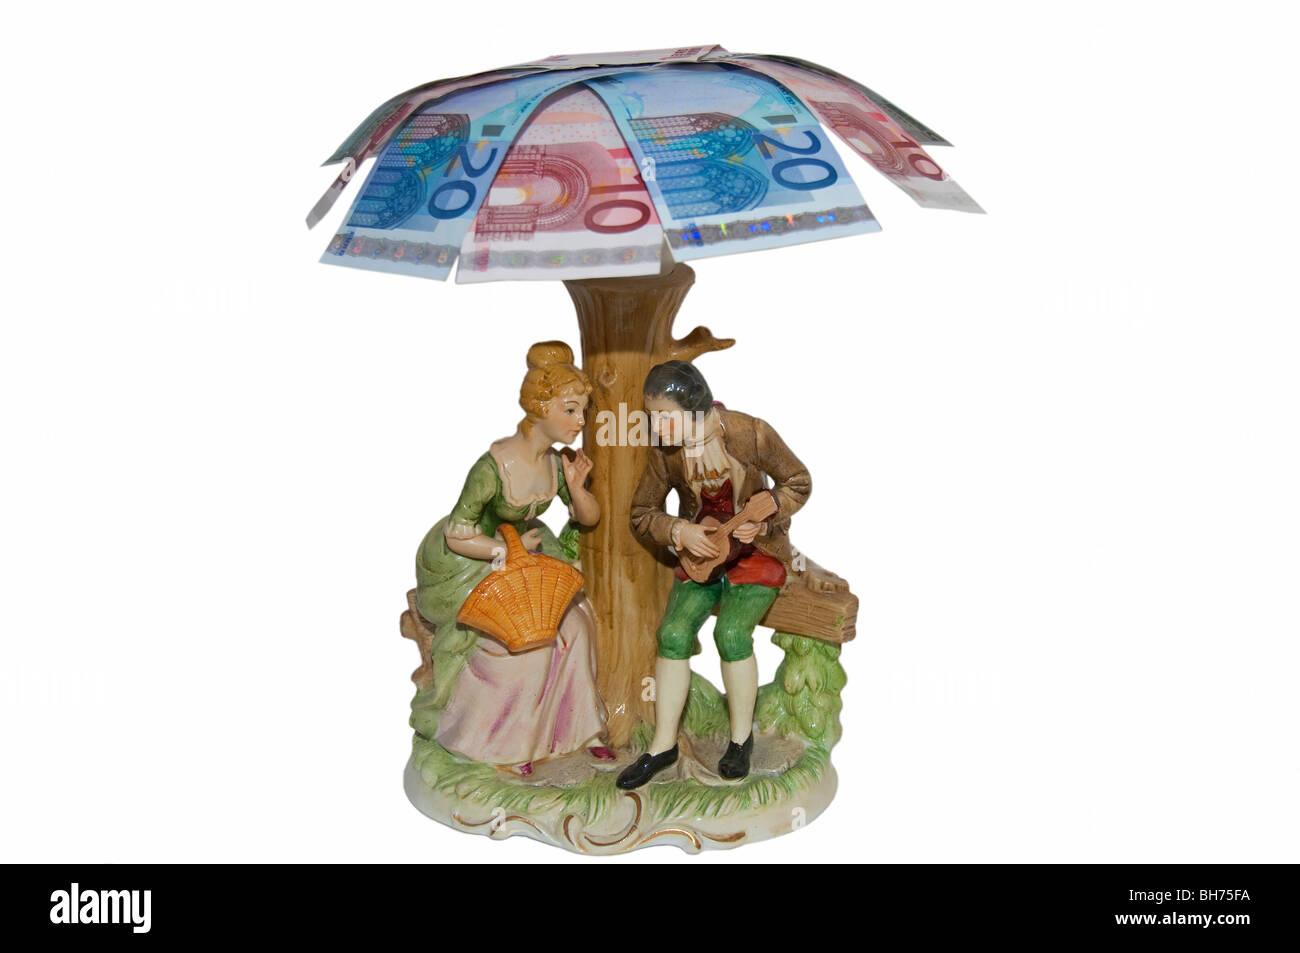 Finanzkonzept angenehmen Ruhestand reichen Euro Europäische Alter Stockbild